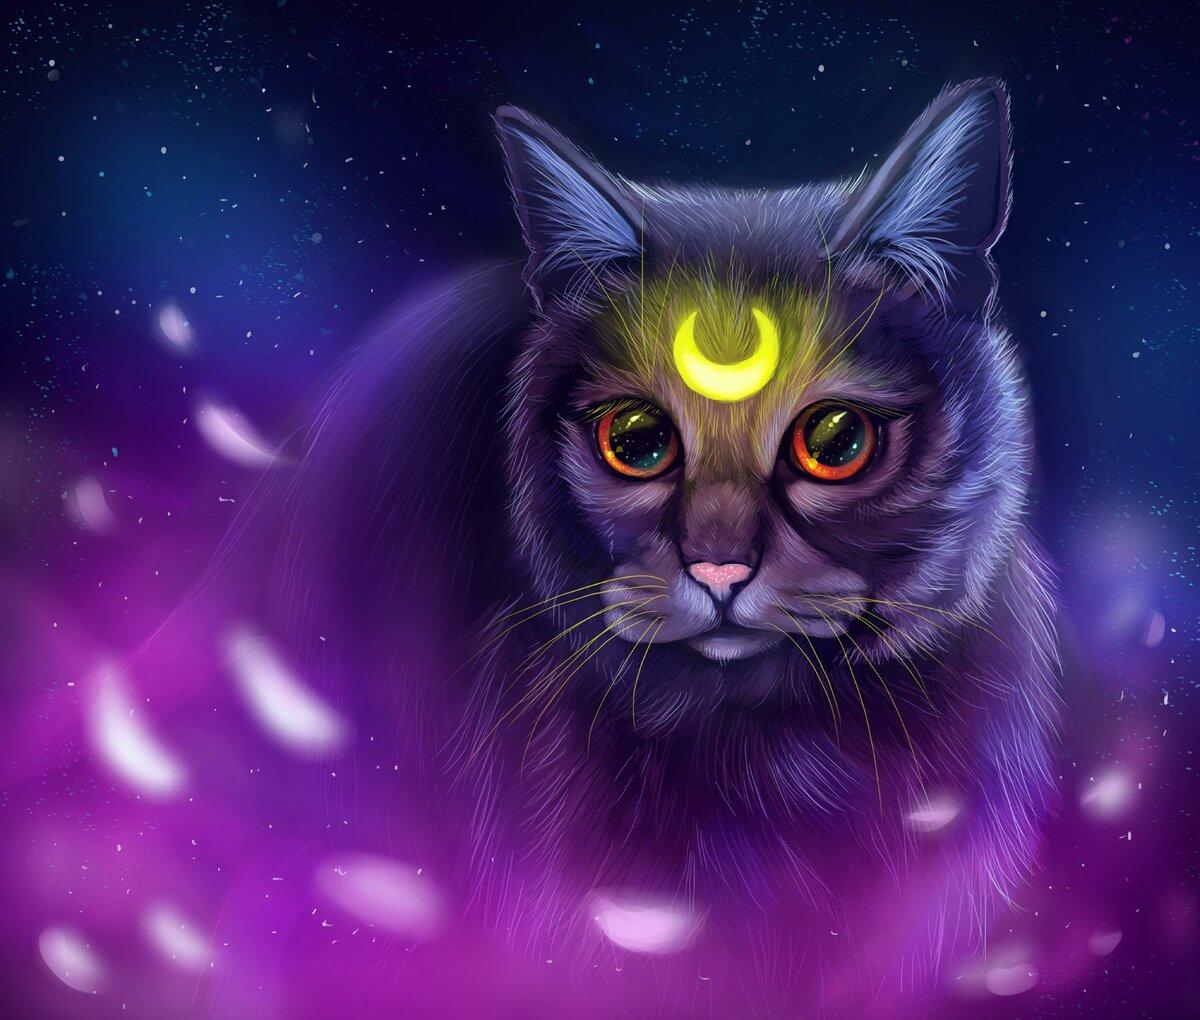 смотреть картинки арт кошки своих подопытных три